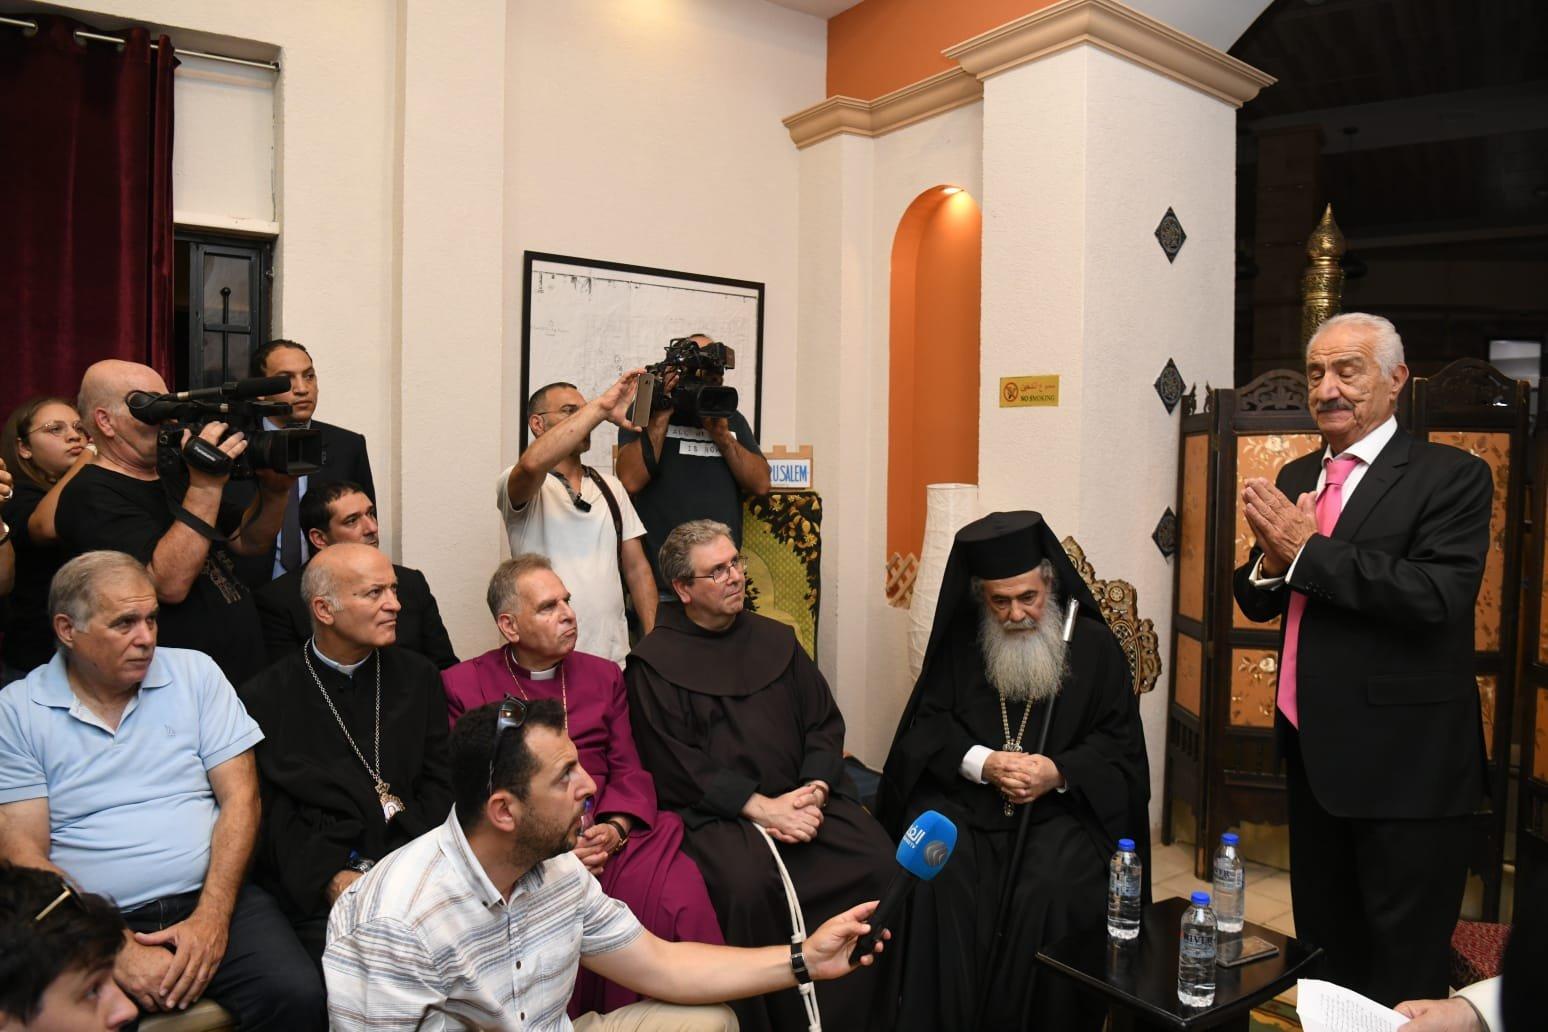 كنائس القدس مُتحدة في الحفاظ على العقارات والهوية الأصيلة لحي النصارى بالبلدة القديمة